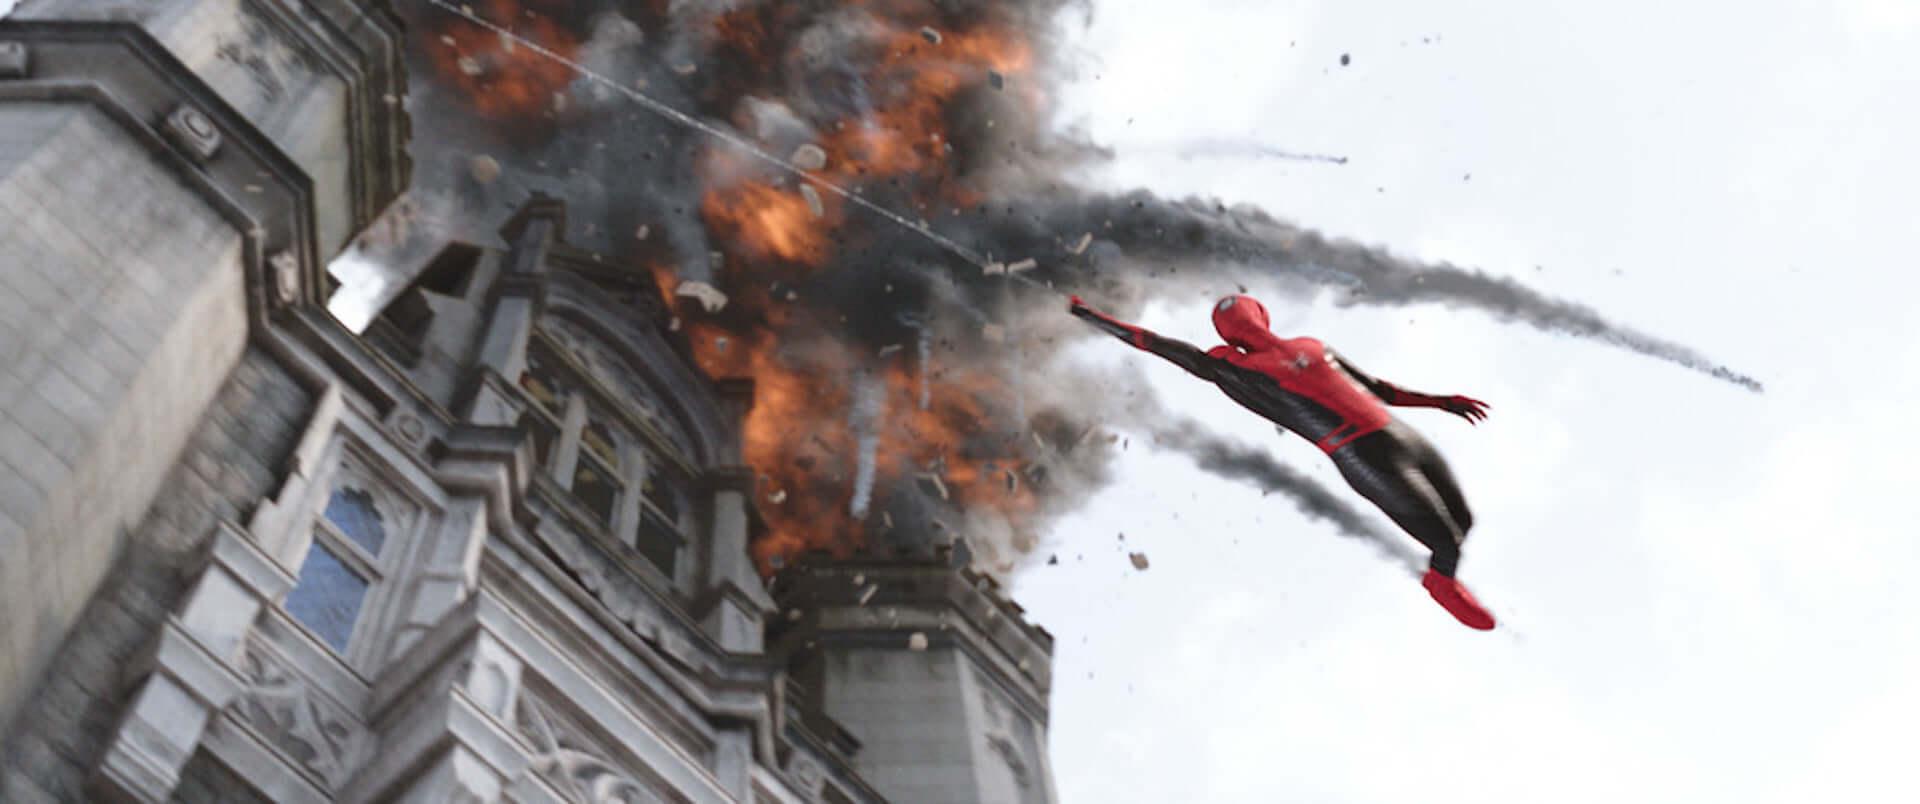 スパイダーマン旋風はまだまだ続く!『スパイダーマン:ファー・フロム・ホーム』が全米2週連続1位に film190716_sffh_gross_1-1920x804